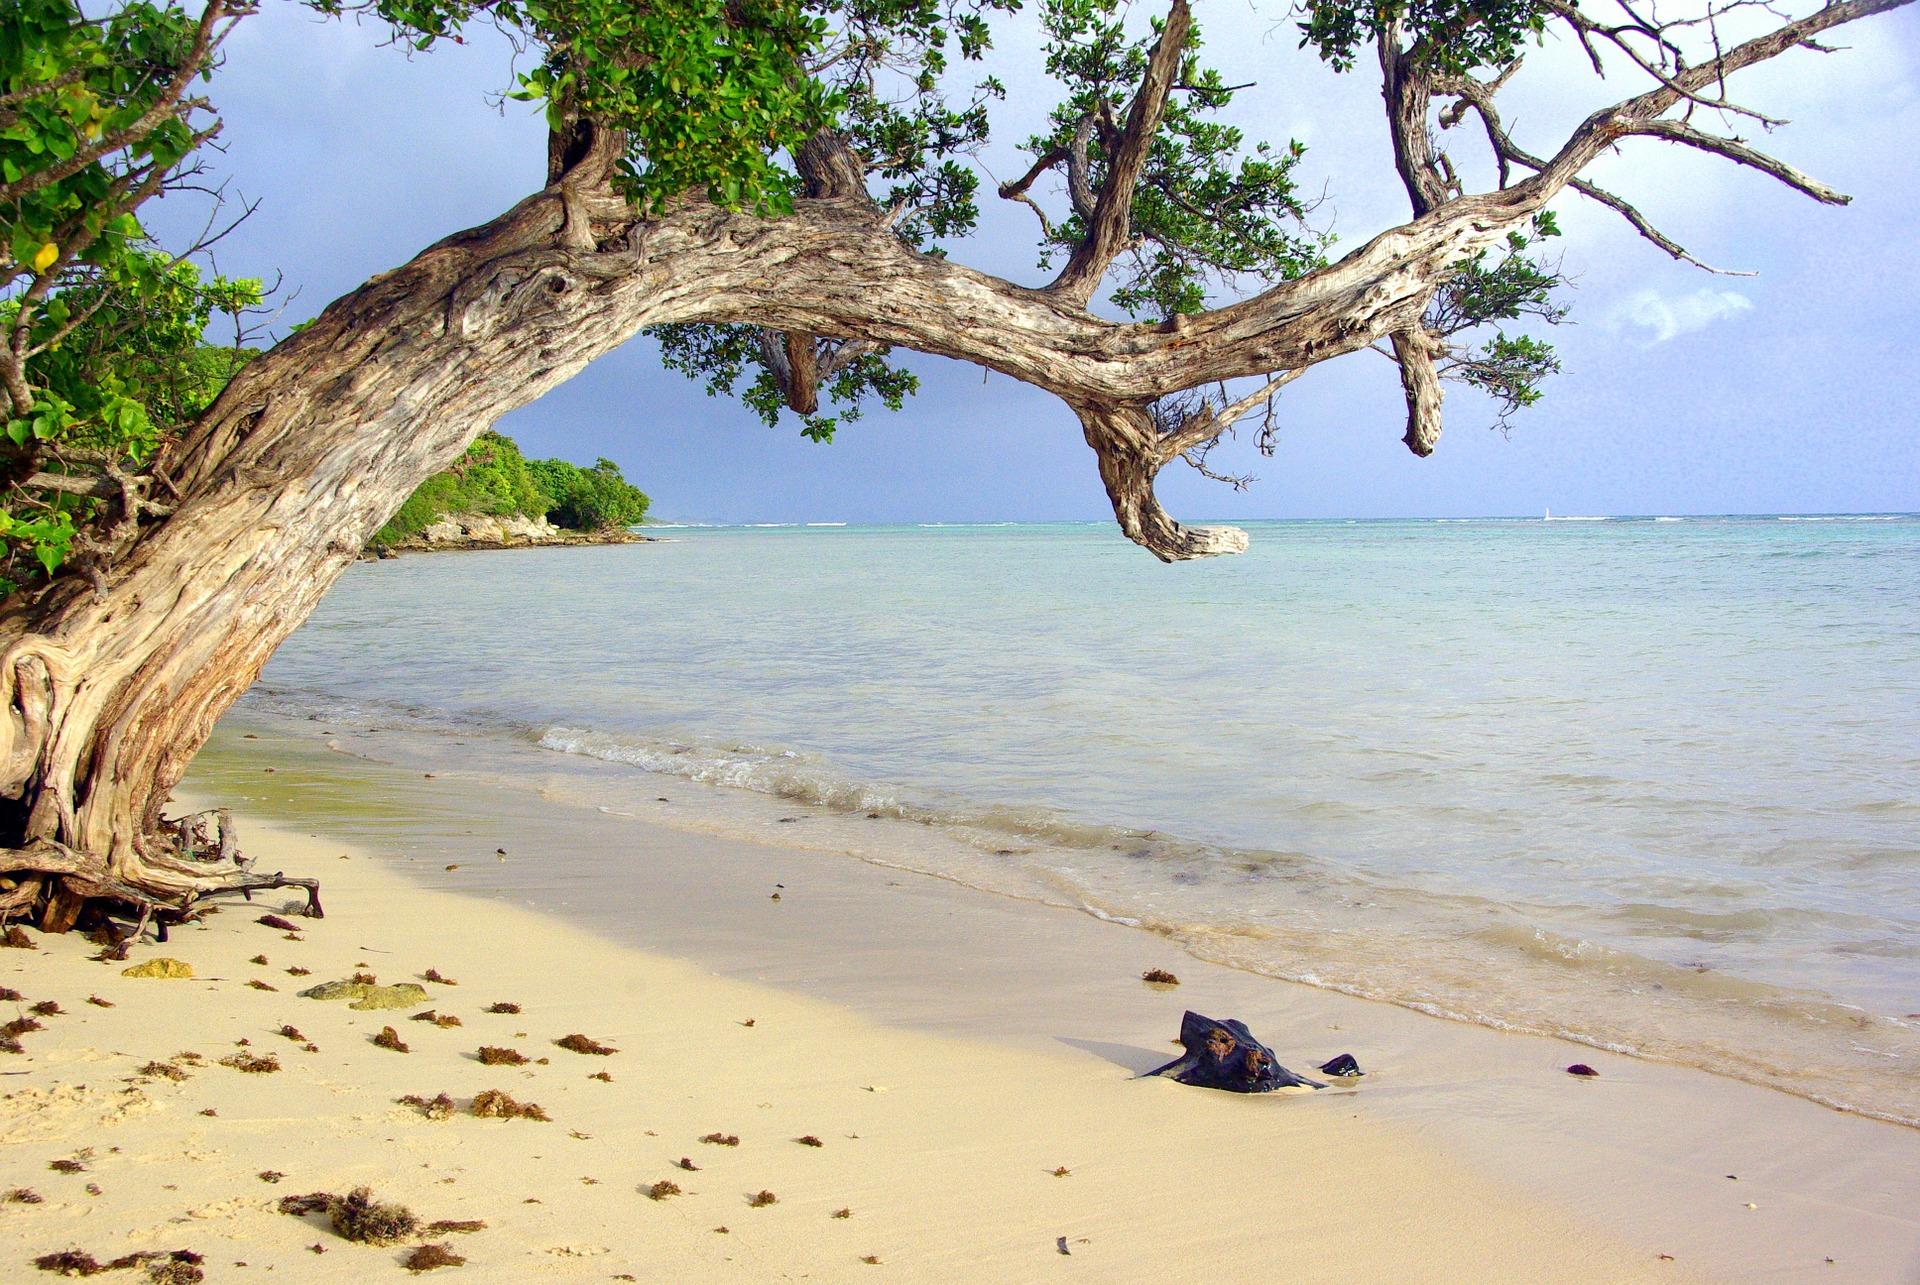 sand-guadeloupe-agence de voyages phileas frog paris 17